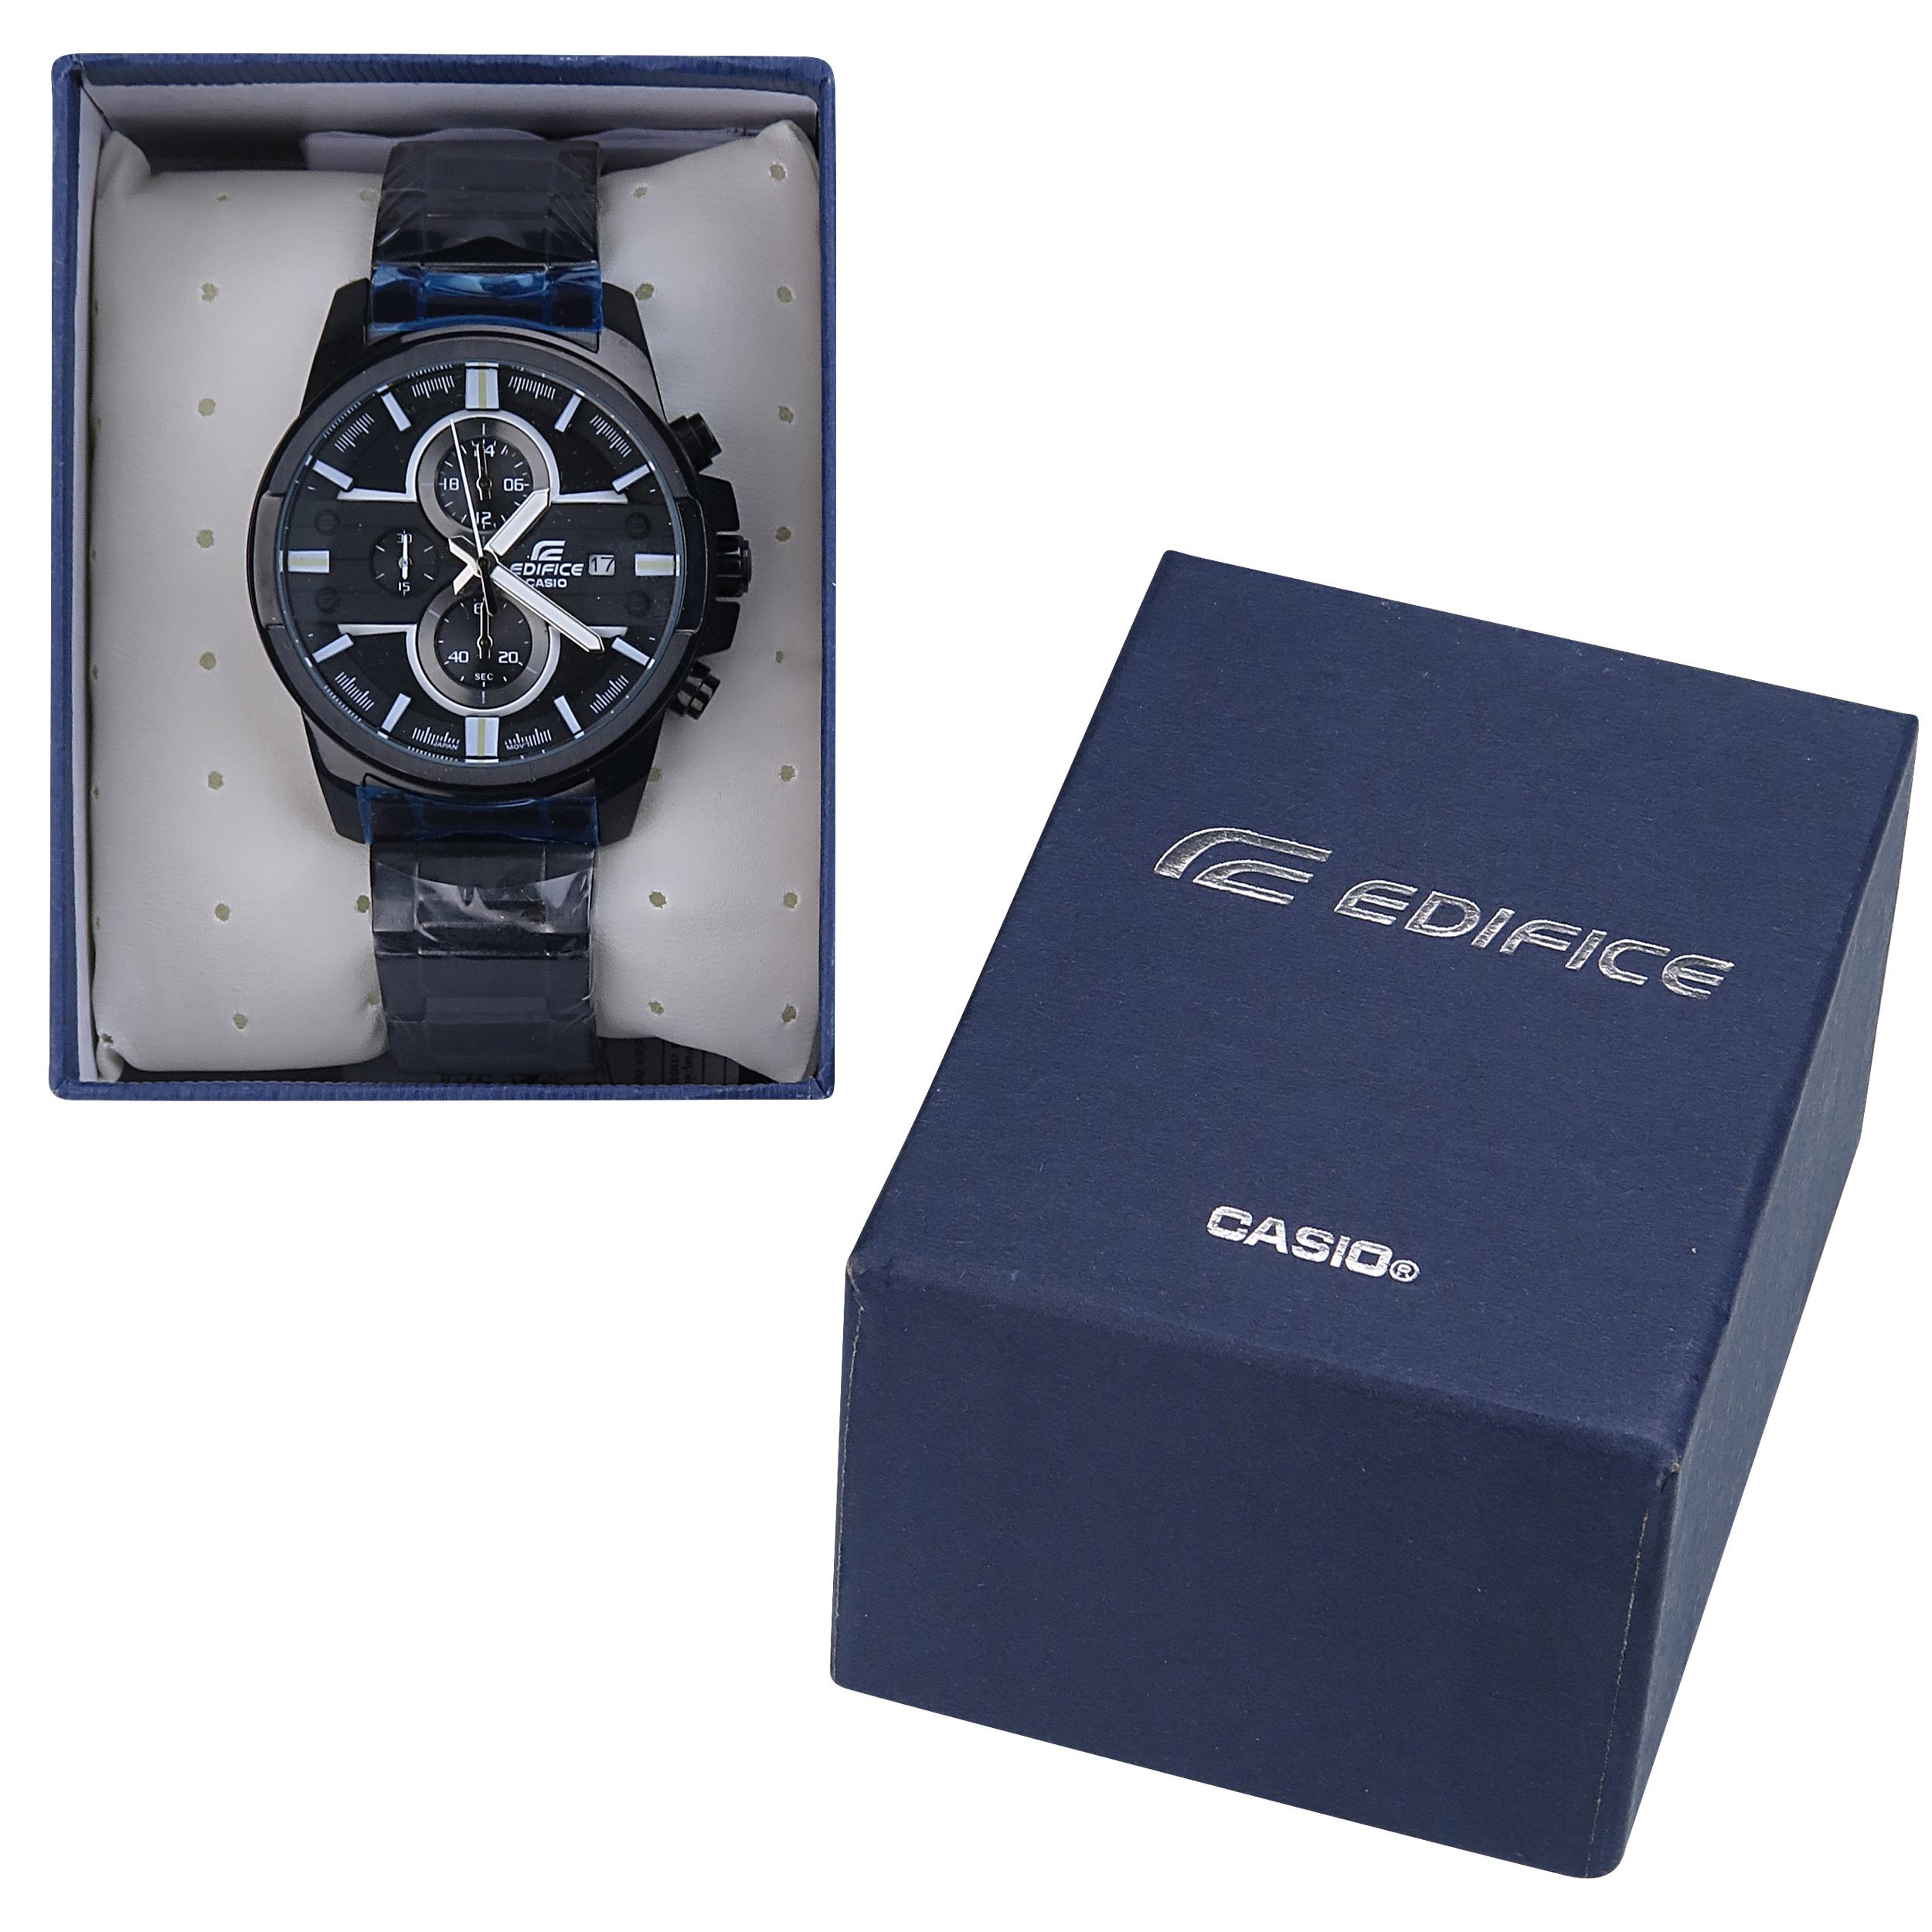 ساعت مچی عقربهای مردانه کاسیو مدل EFR543              اصل